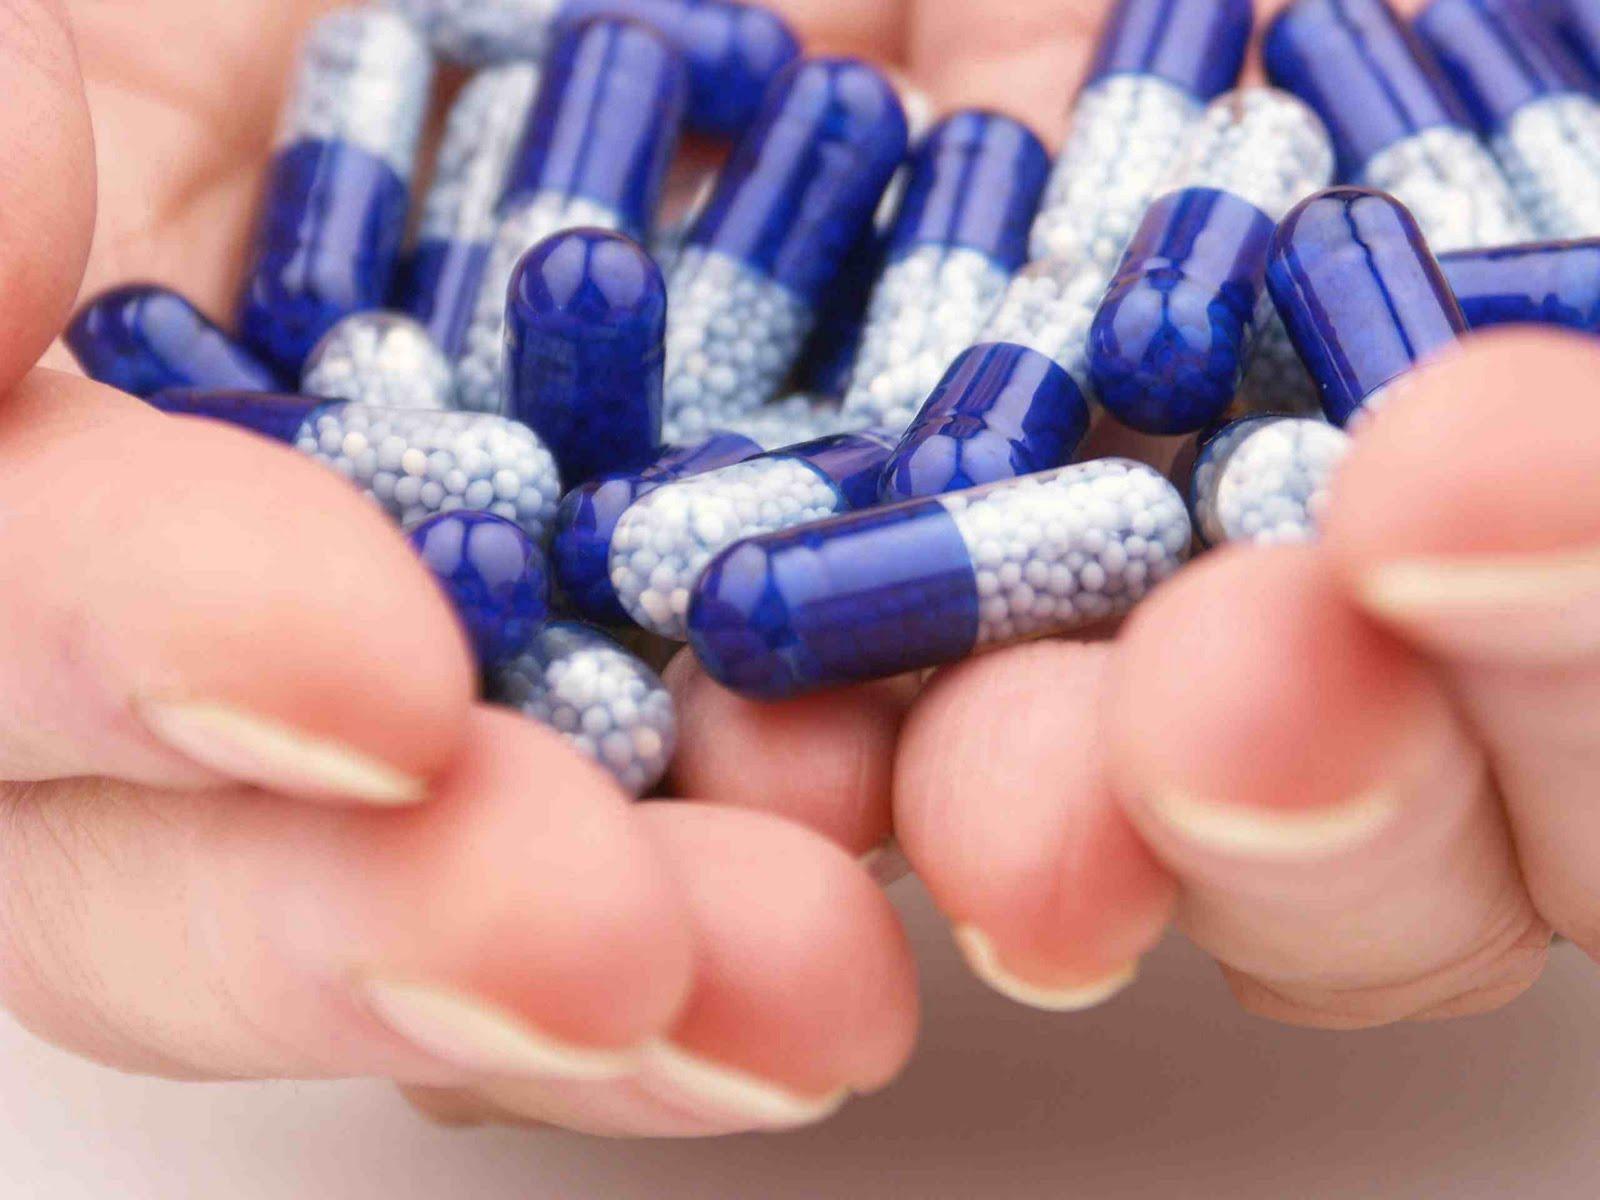 Antiácidos que contêm cálcio e magnésio (Oral)